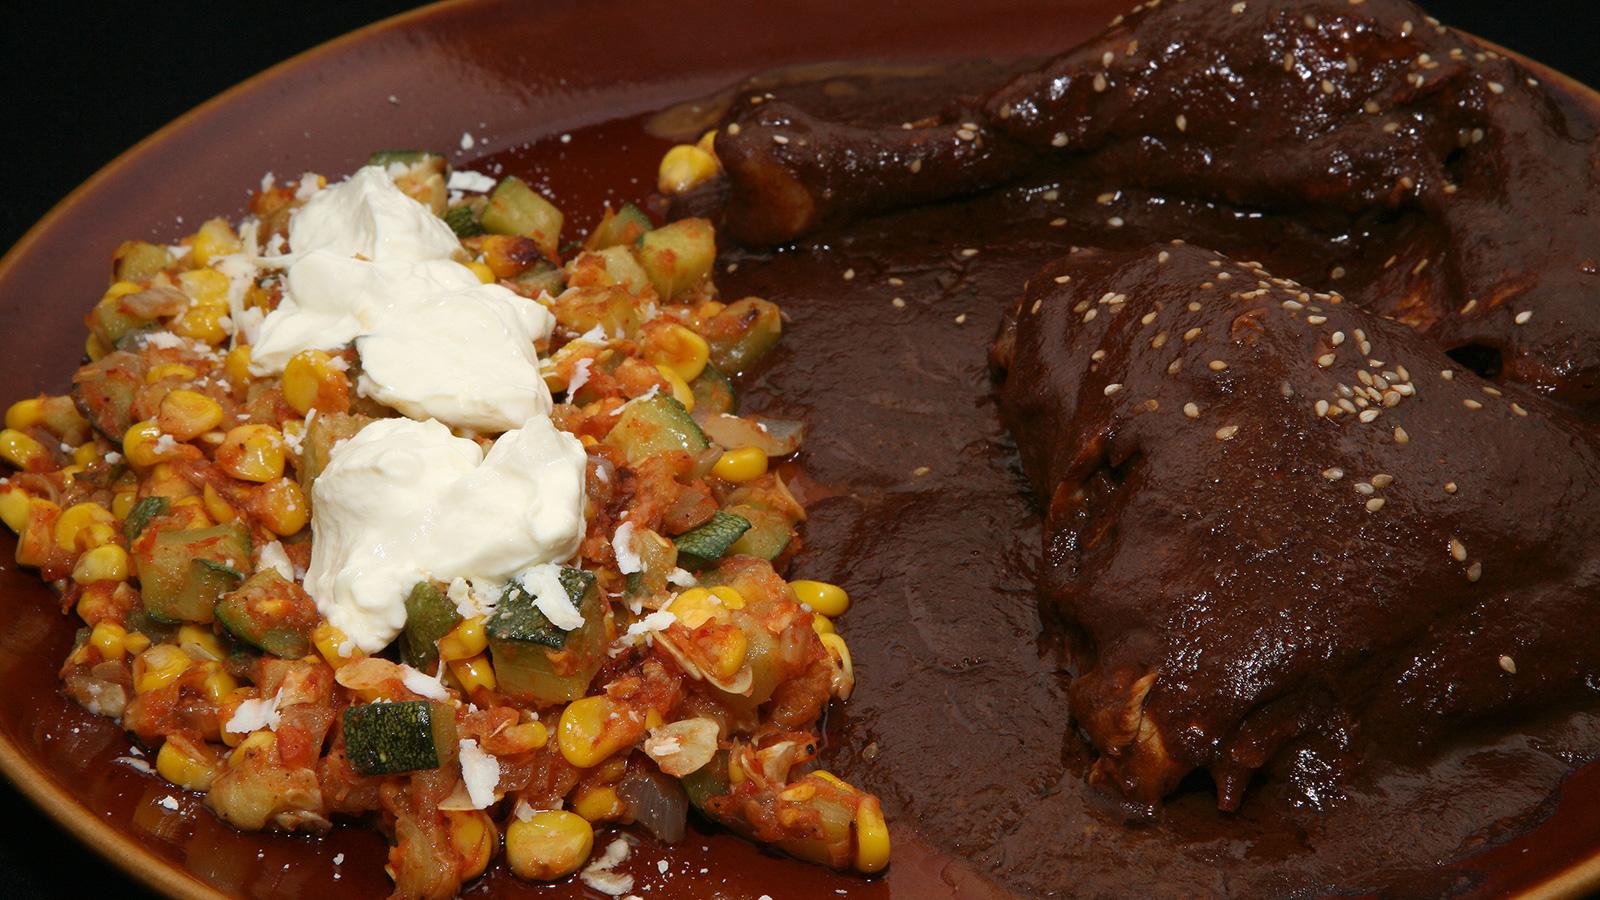 Calabacitas a la mexicana rita s nchez receta canal for Canal cocina mexicana